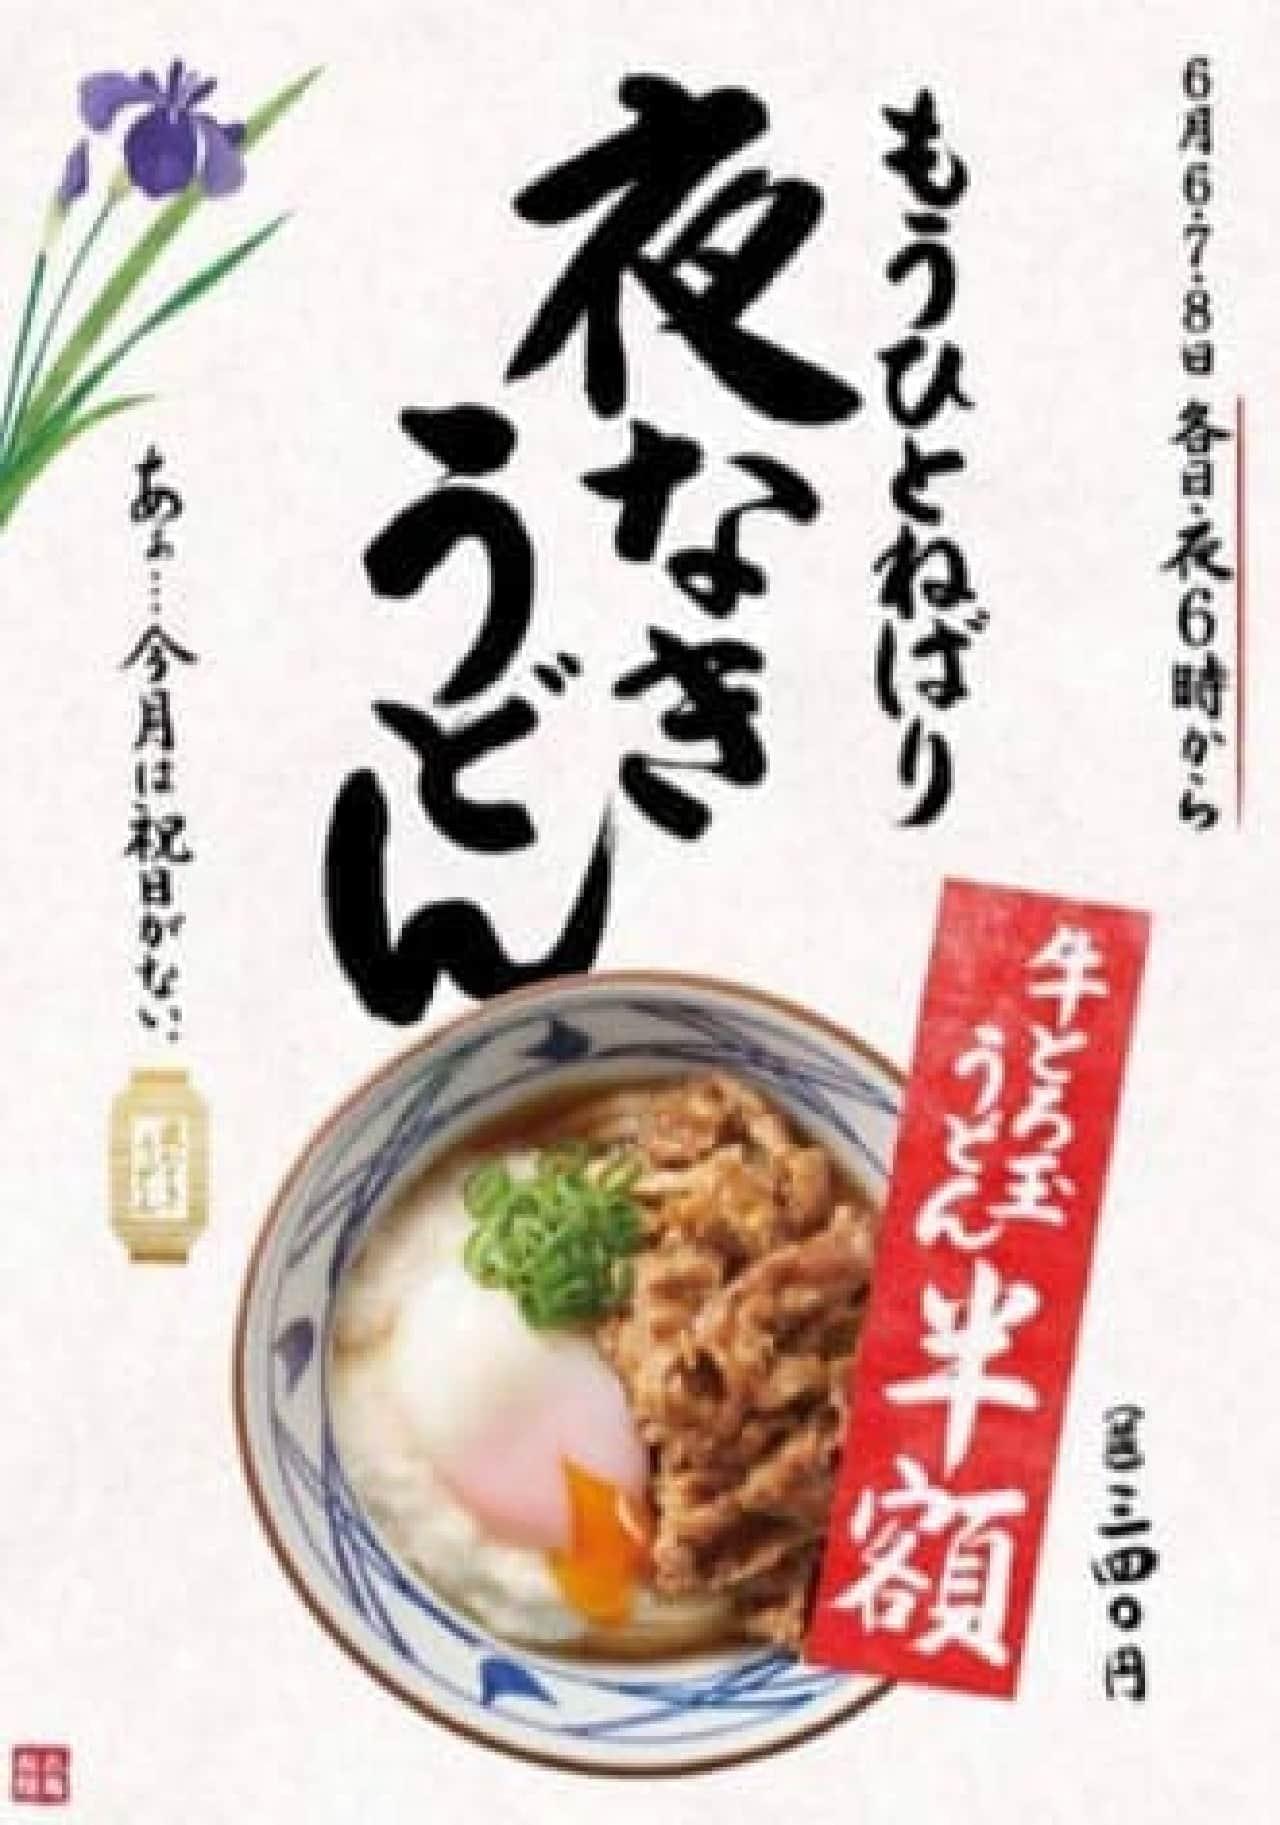 丸亀製麺で「牛とろ玉うどん」半額キャンペーン